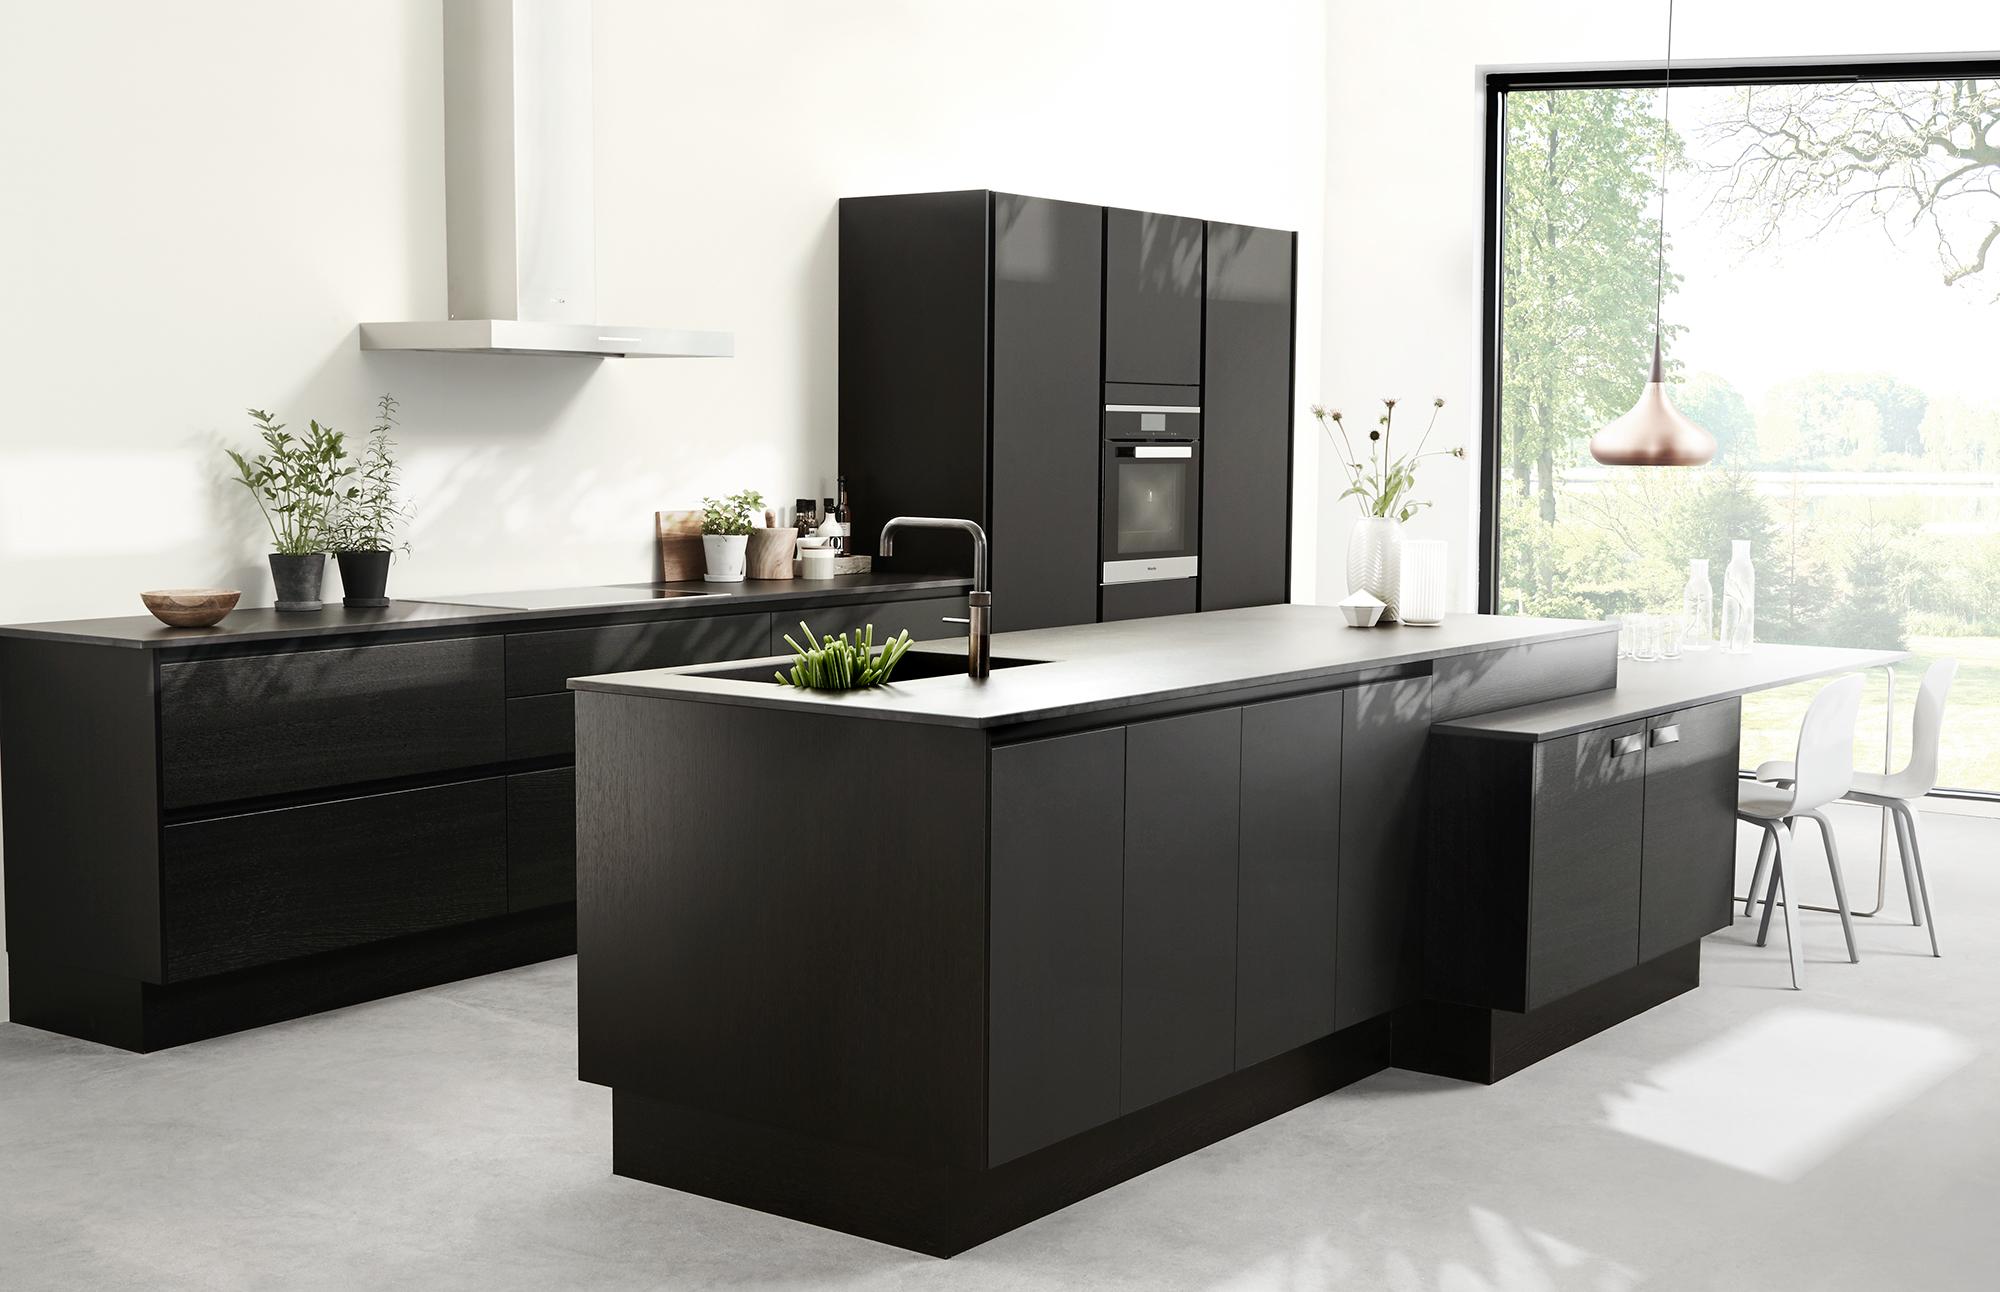 Køkken i mat sort med læder